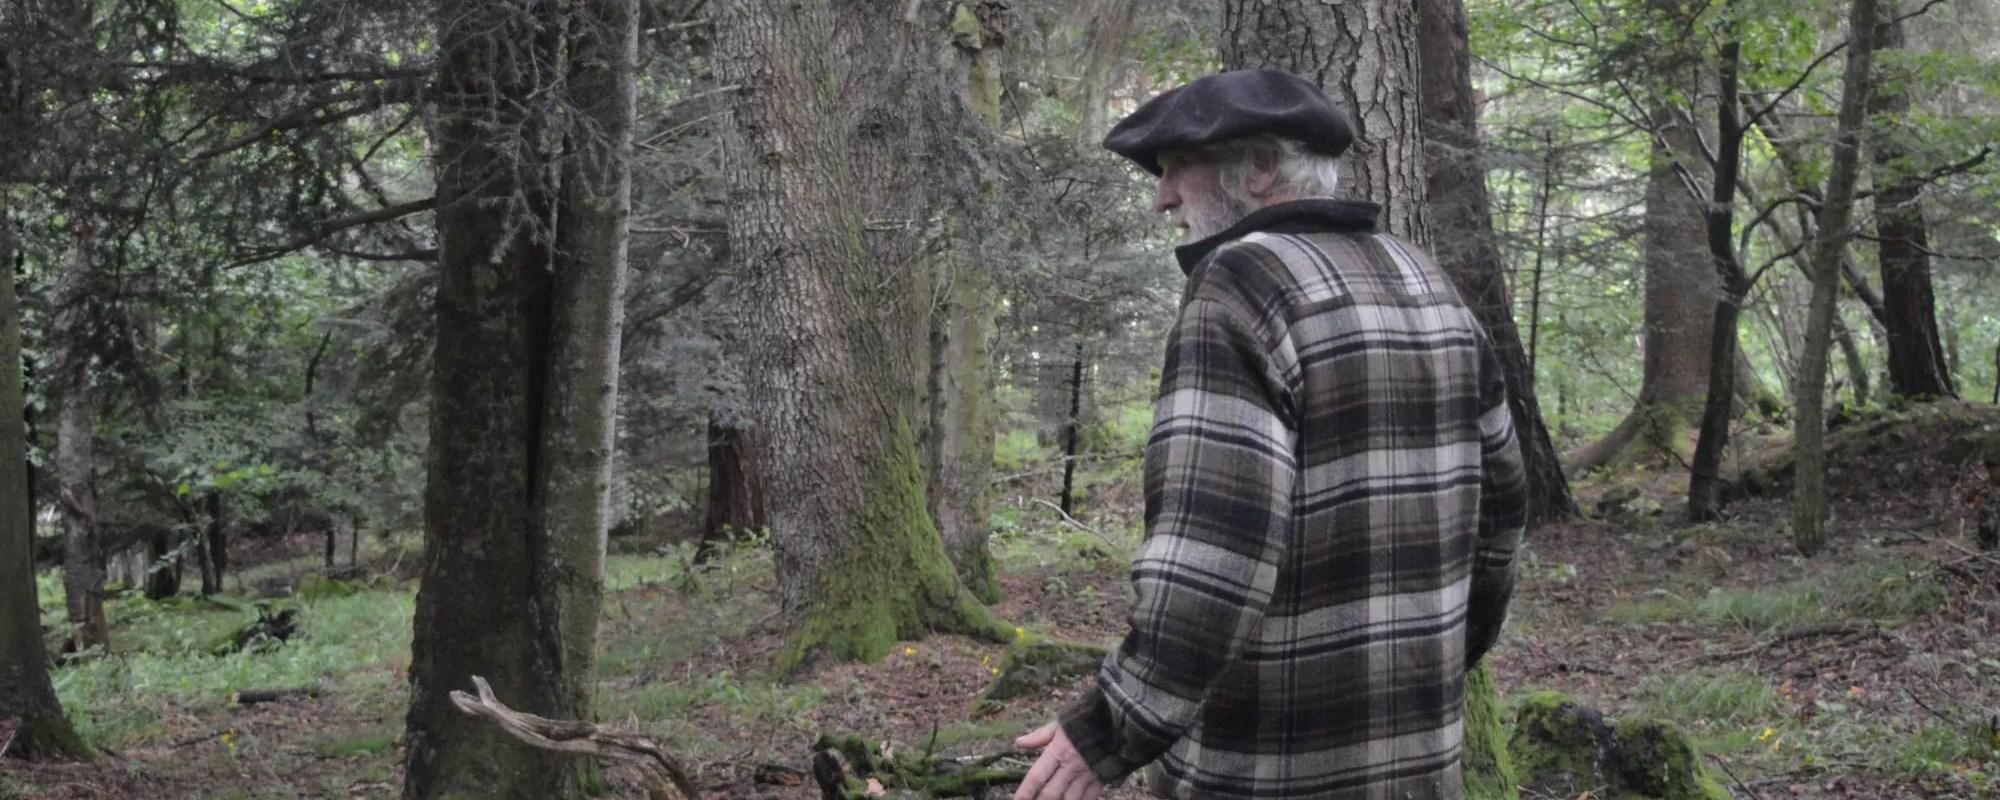 Sans prédateurs, les cerfs mangent la forêt vosgienne, avec la complicité des chasseurs